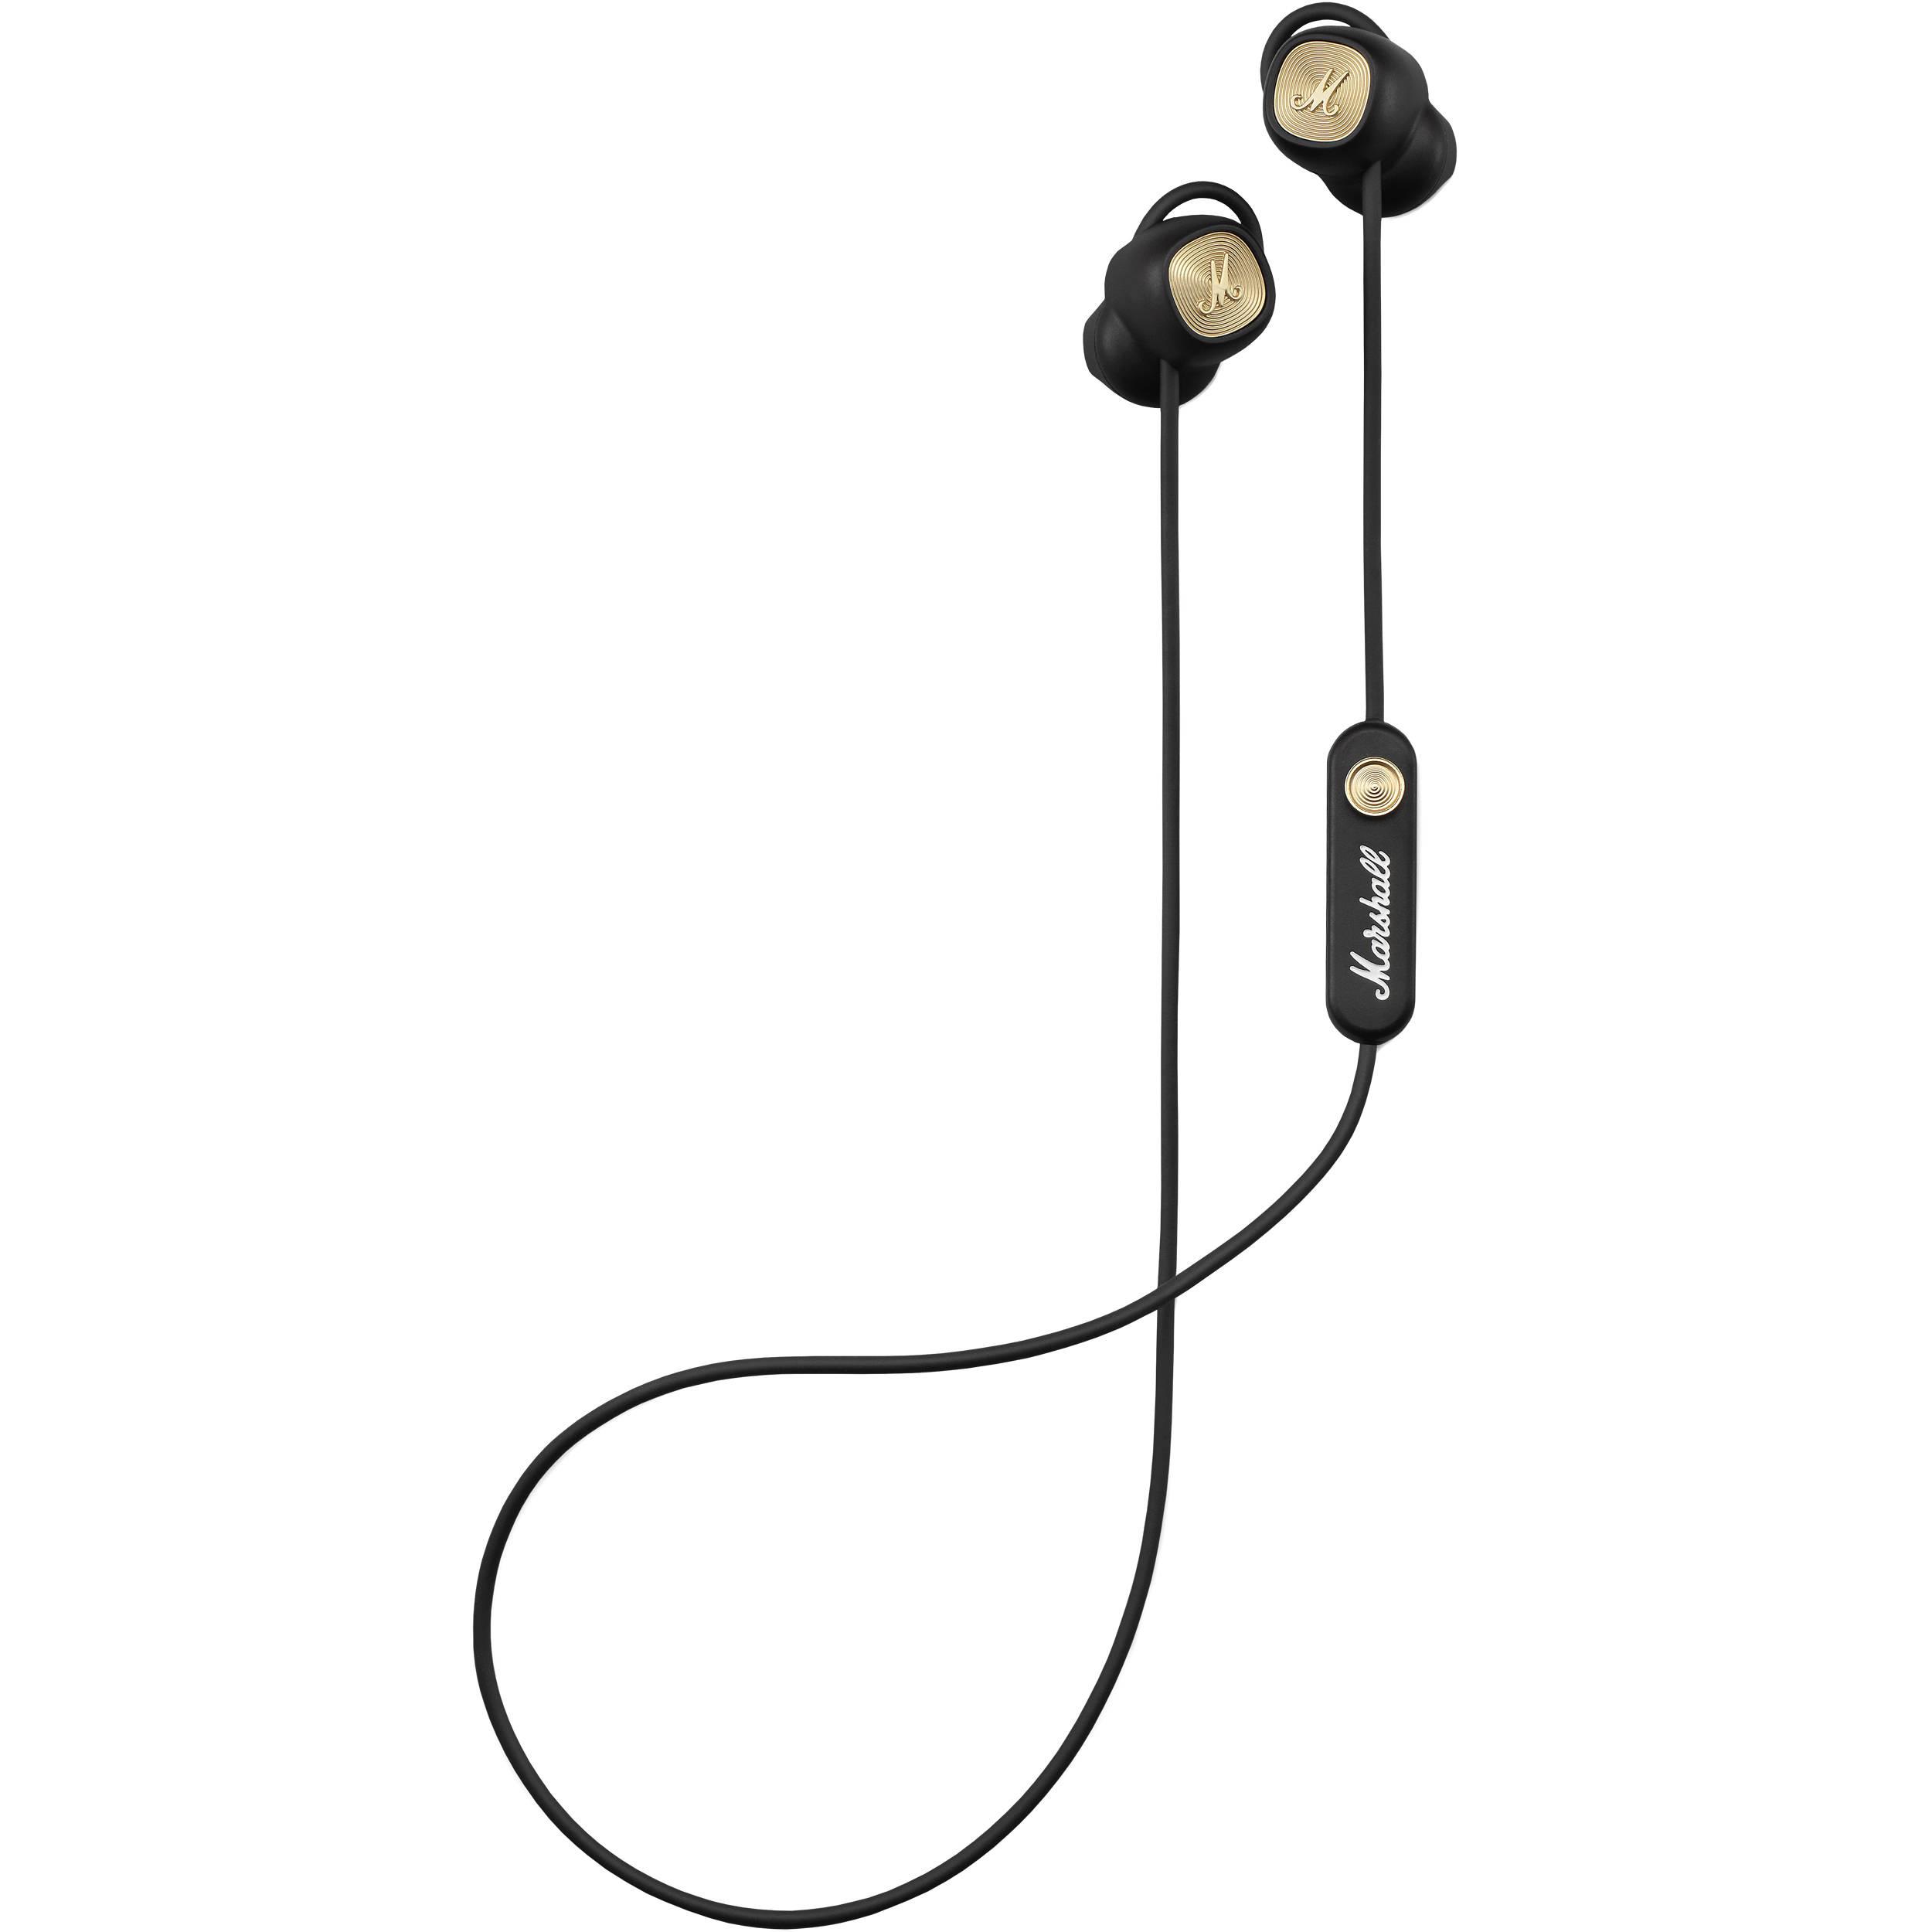 Marshall Minor II Bluetooth In-Ear Headphones (Black)